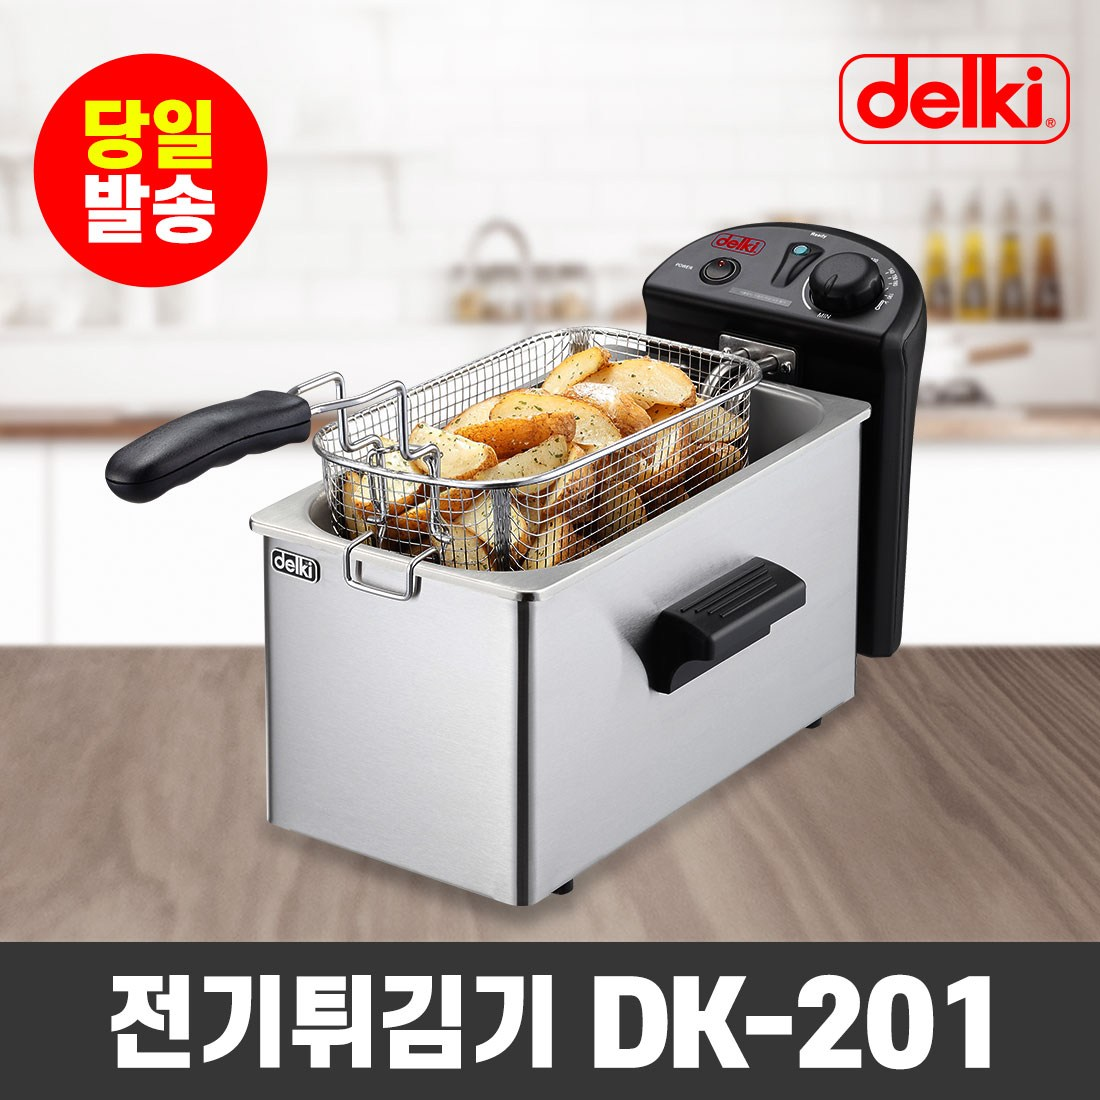 델키 윤식당 튀김기 DK-201 가정용 업소용 분식 간식 간편